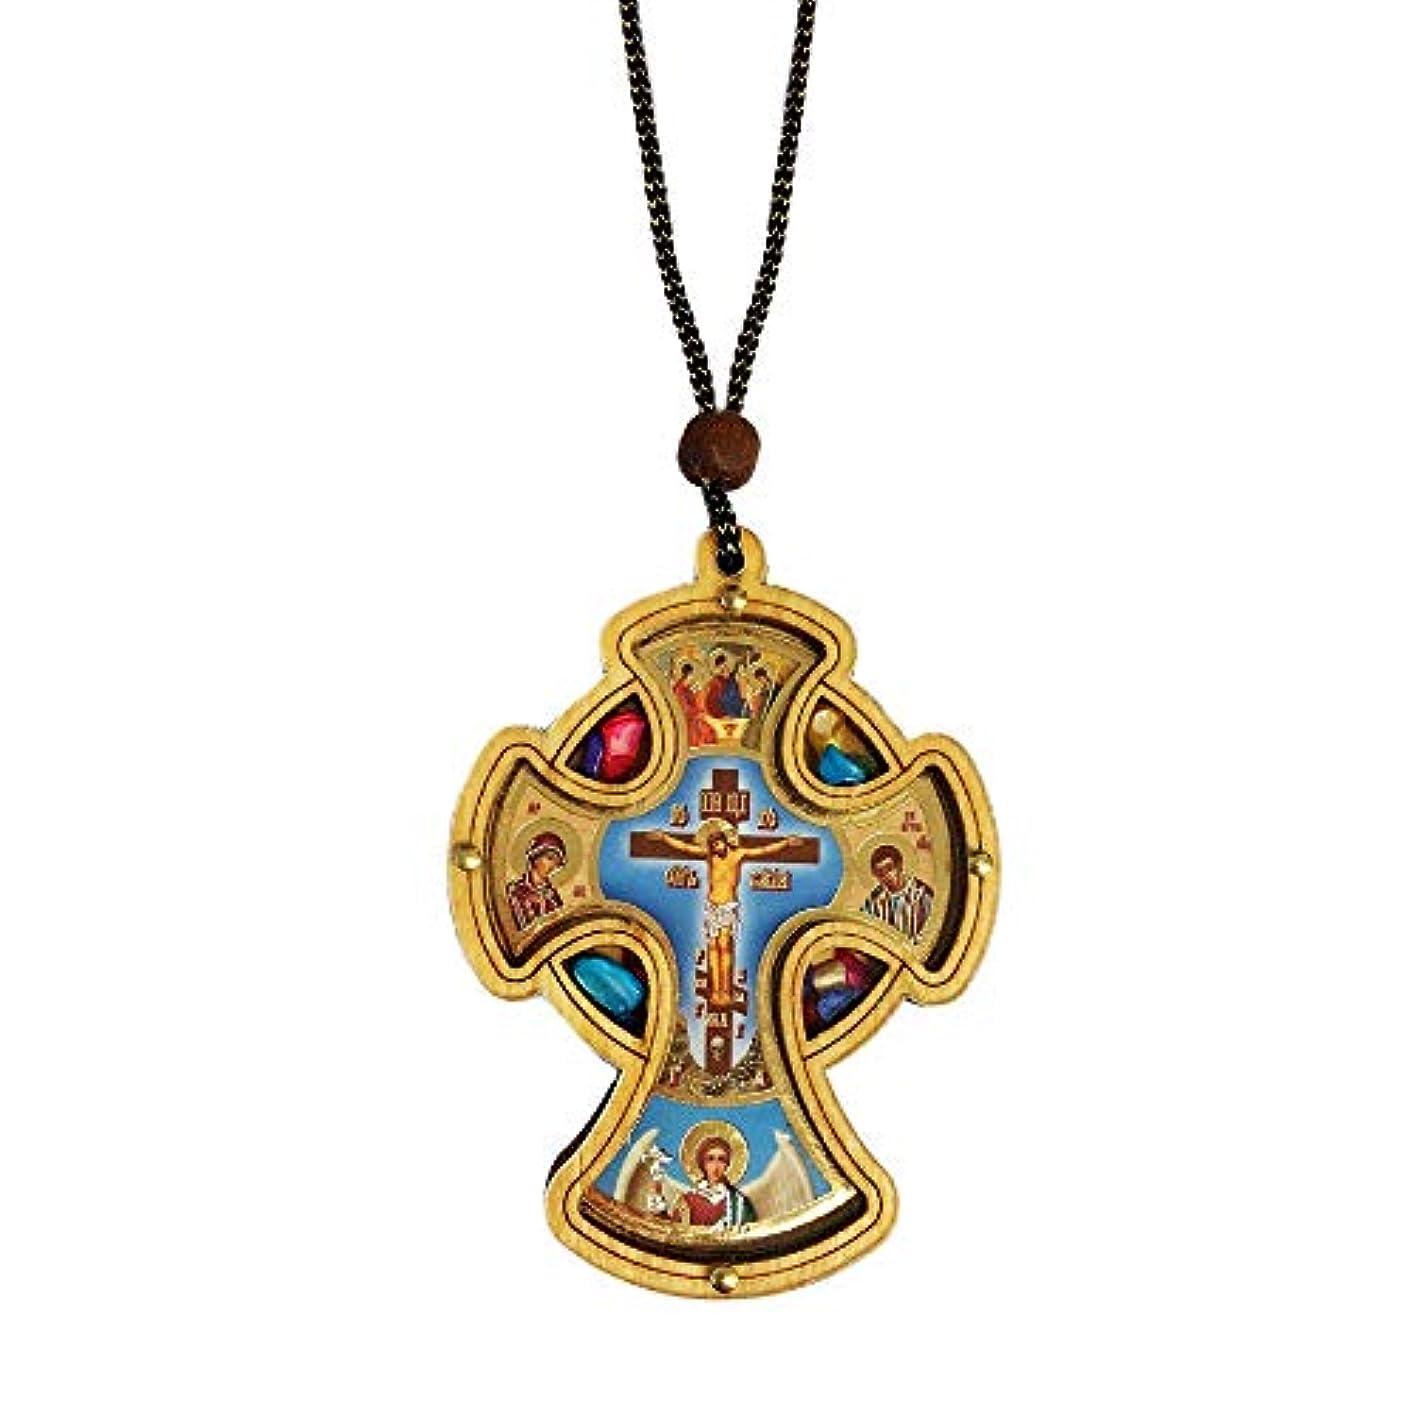 分析的なデュアル死んでいるInspire Nation カーロザリオ カトリック木製クロス クリスタルインセンス付き ブルー